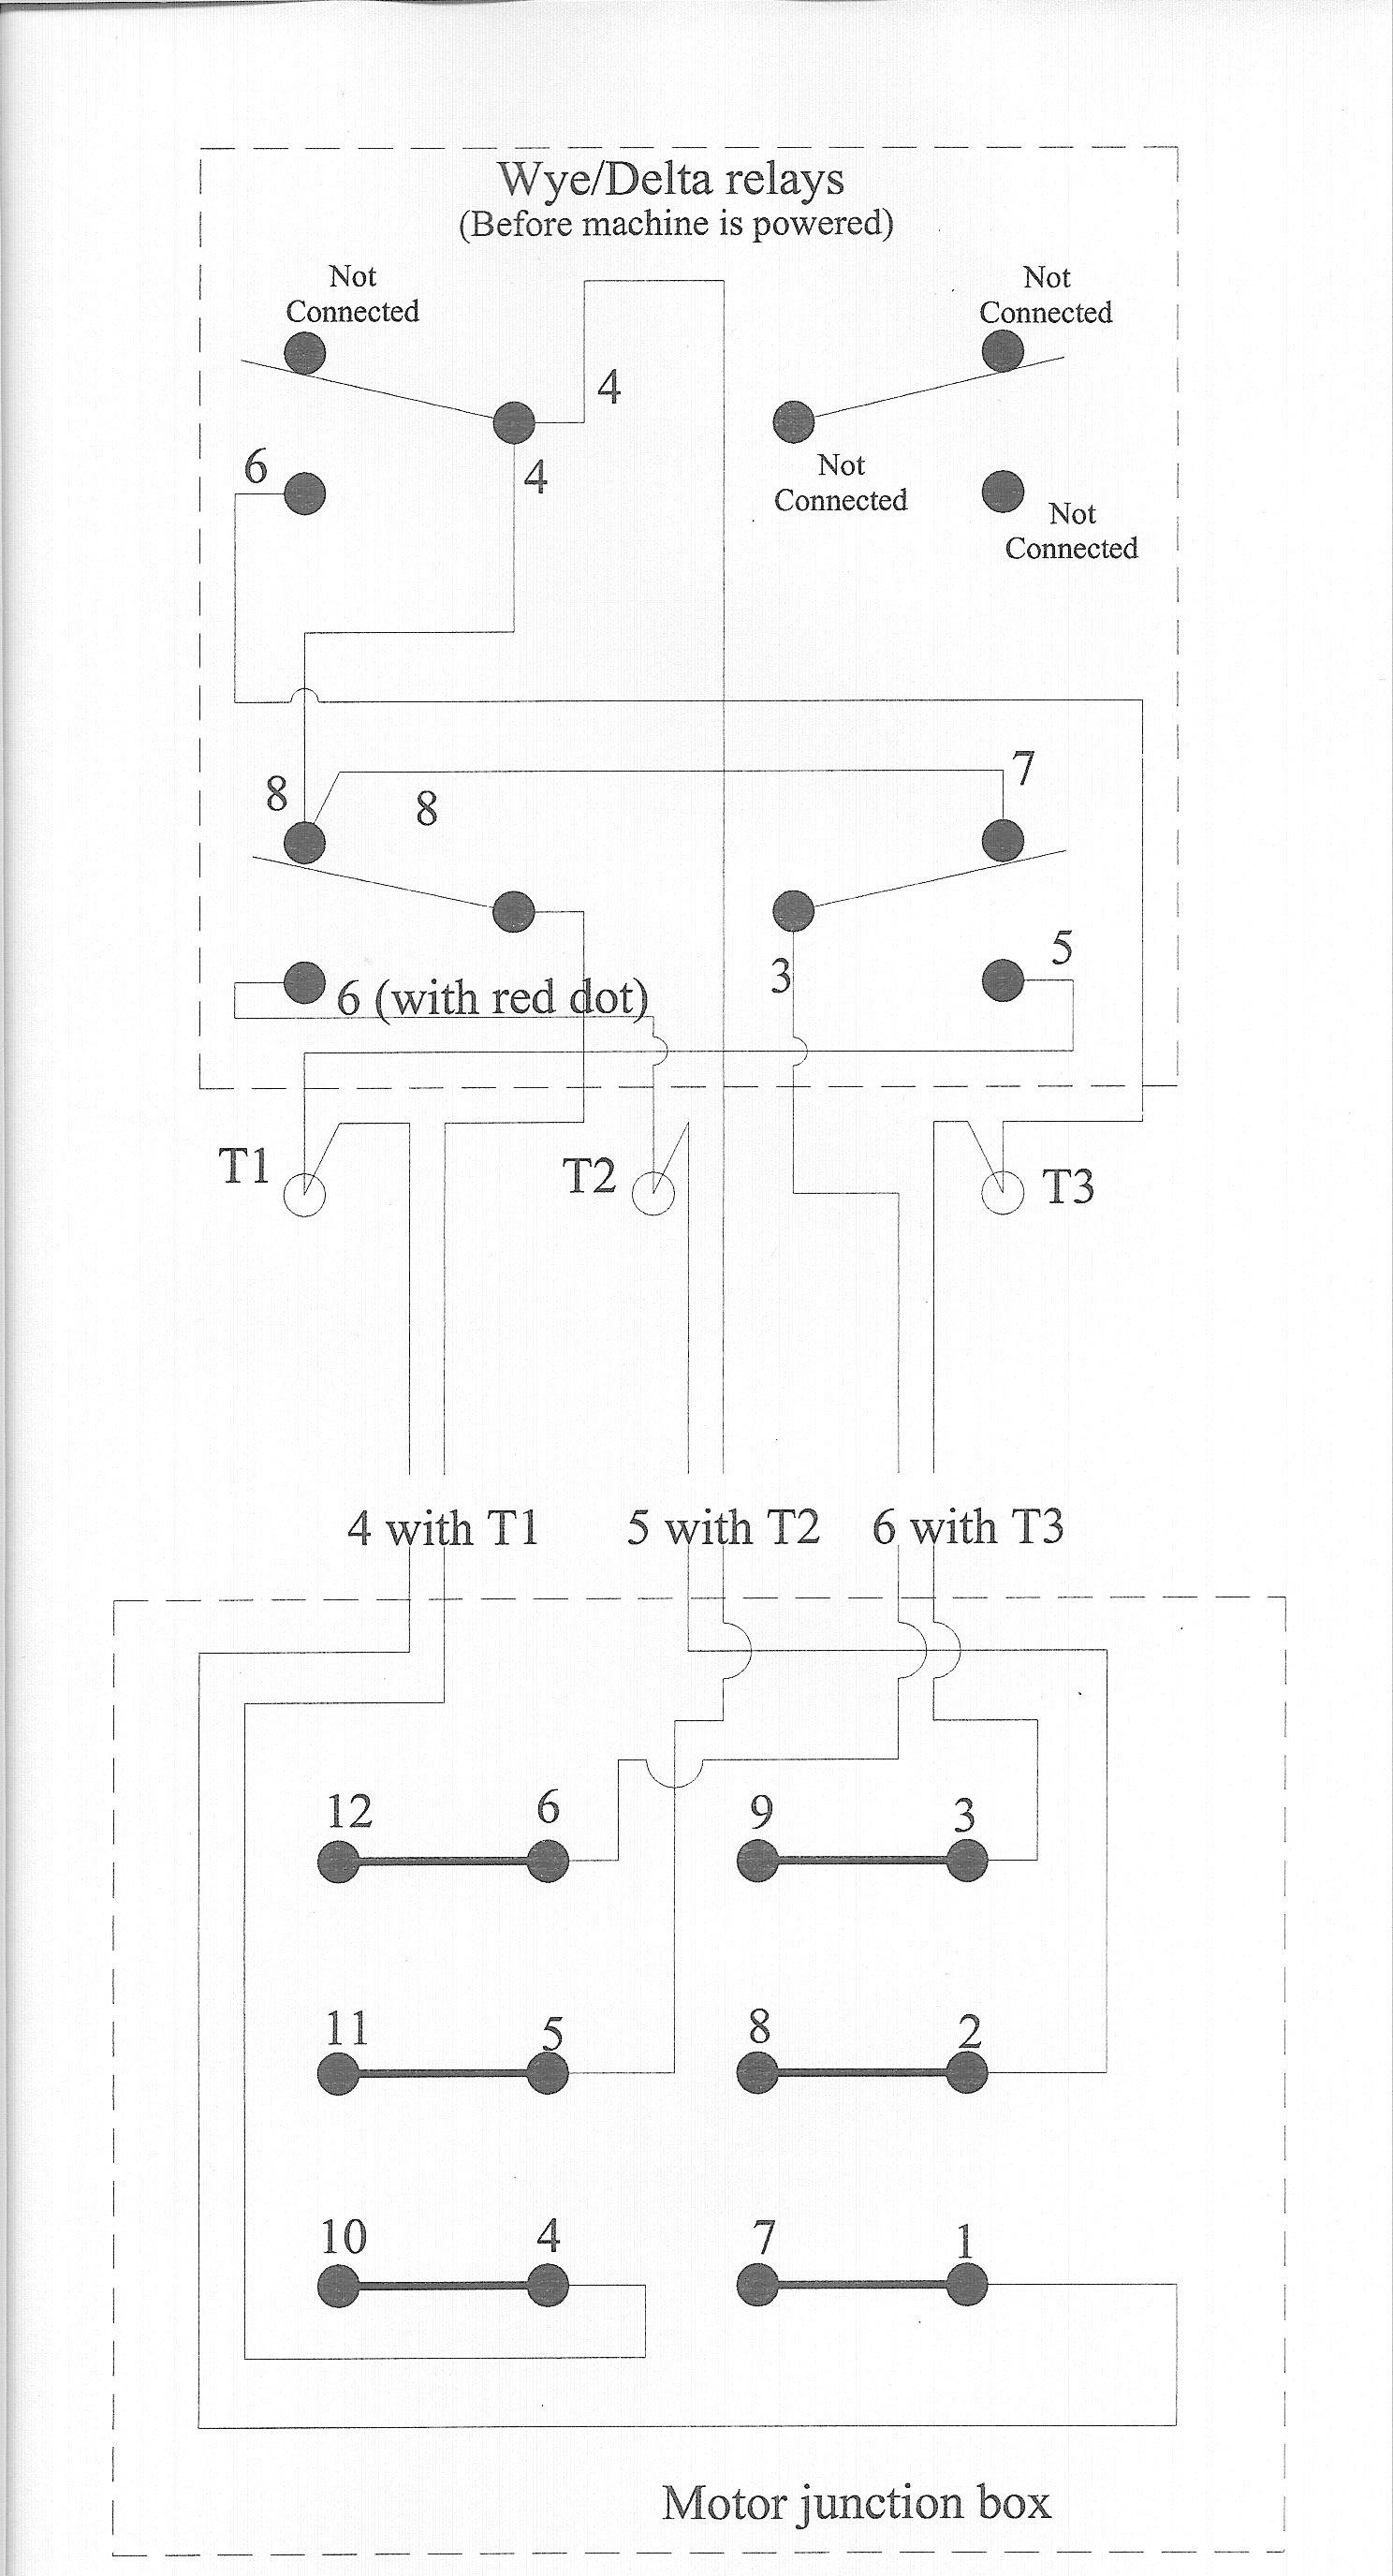 fadal motor problem wye delta relay wiring